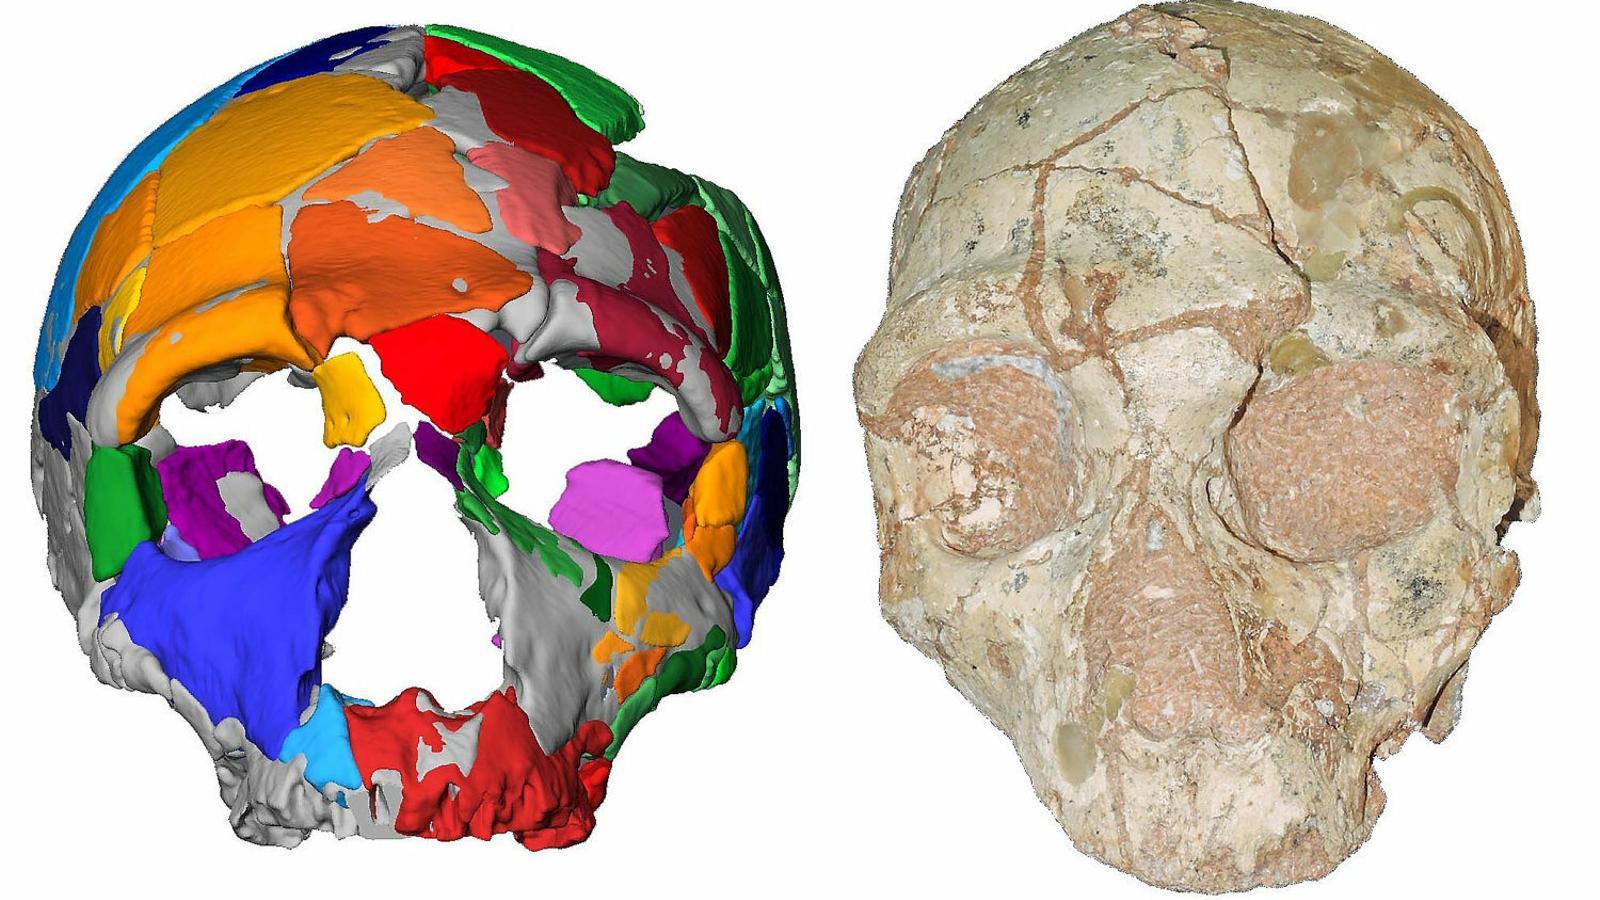 El crani 2 d'Apidima, atribuït a un neandertal,  I la seva reconstrucció digital.